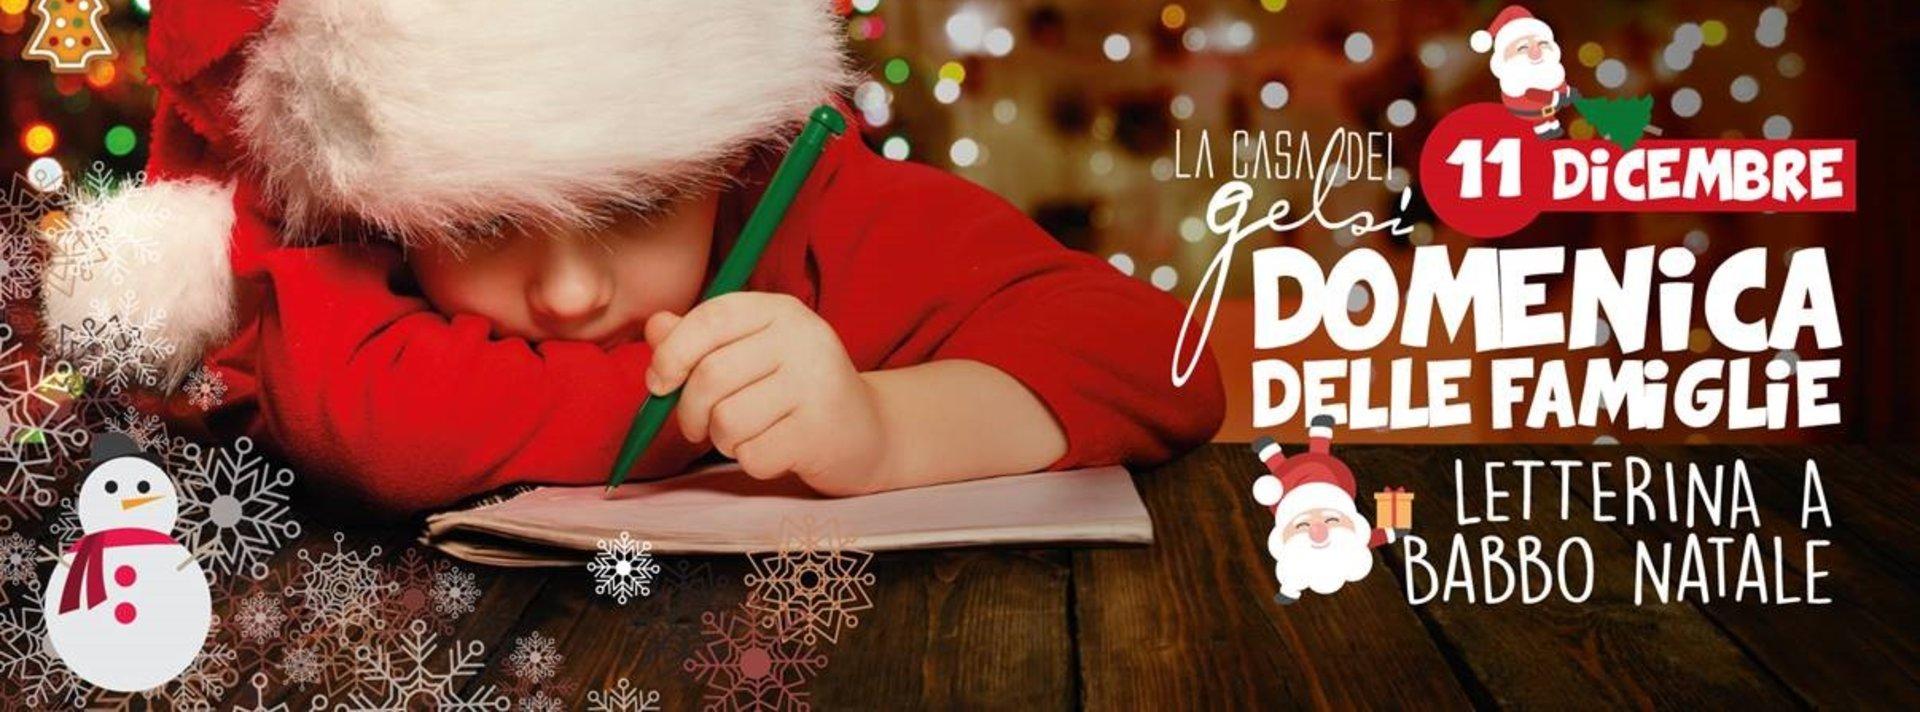 Domenica delle famiglie ai Gelsi - 11 dicembre 201